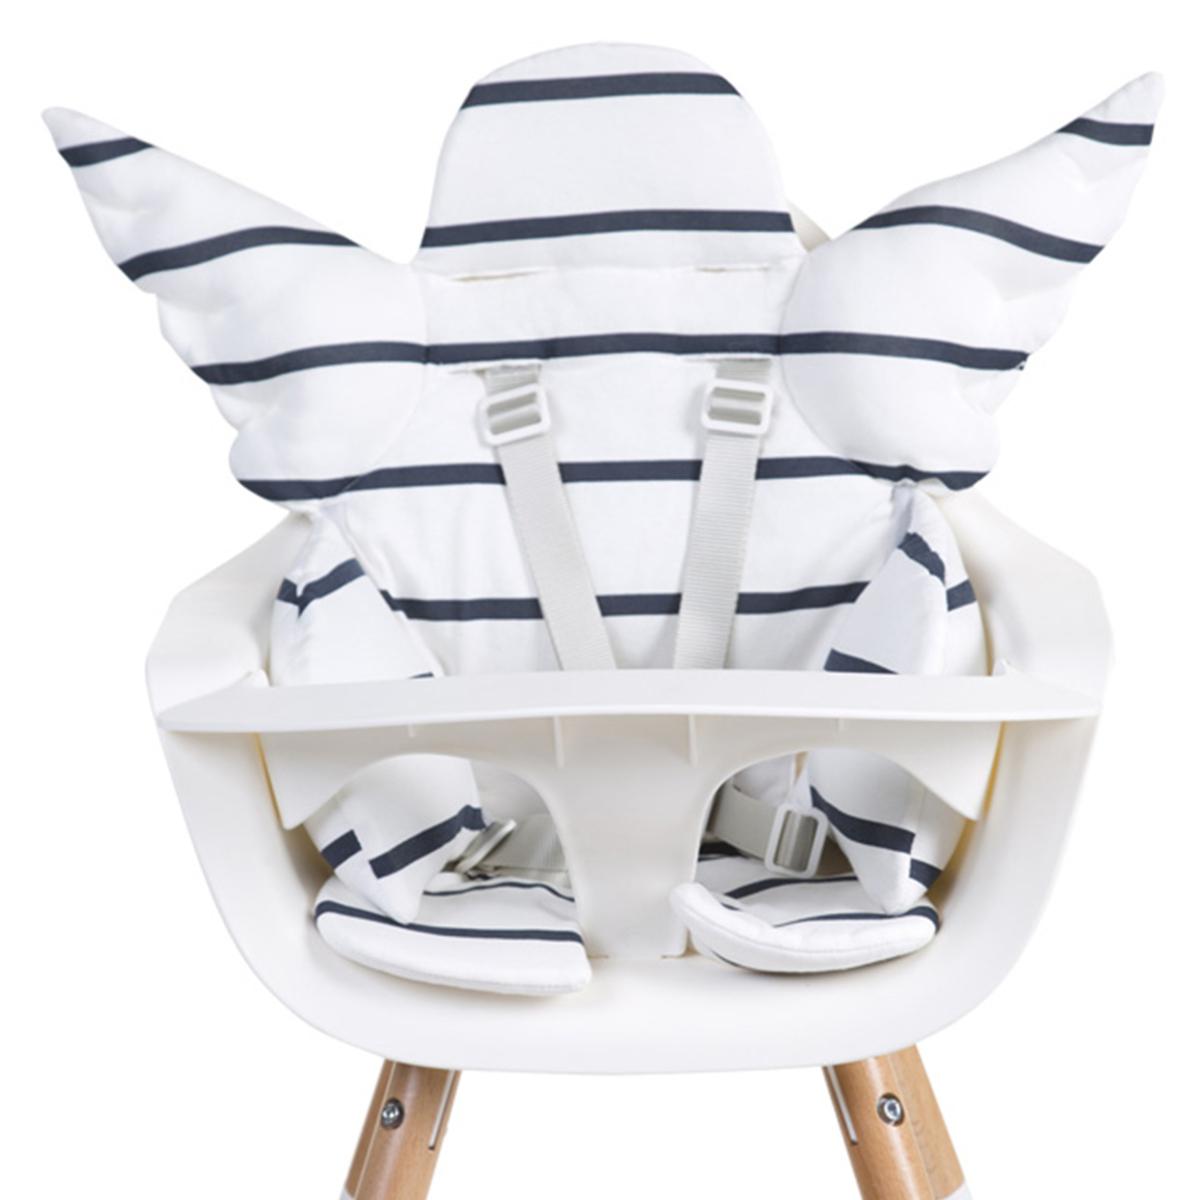 Chaise haute Coussin de Chaise Haute Ange Jersey - Marin Coussin de Chaise Haute Ange Jersey - Marin